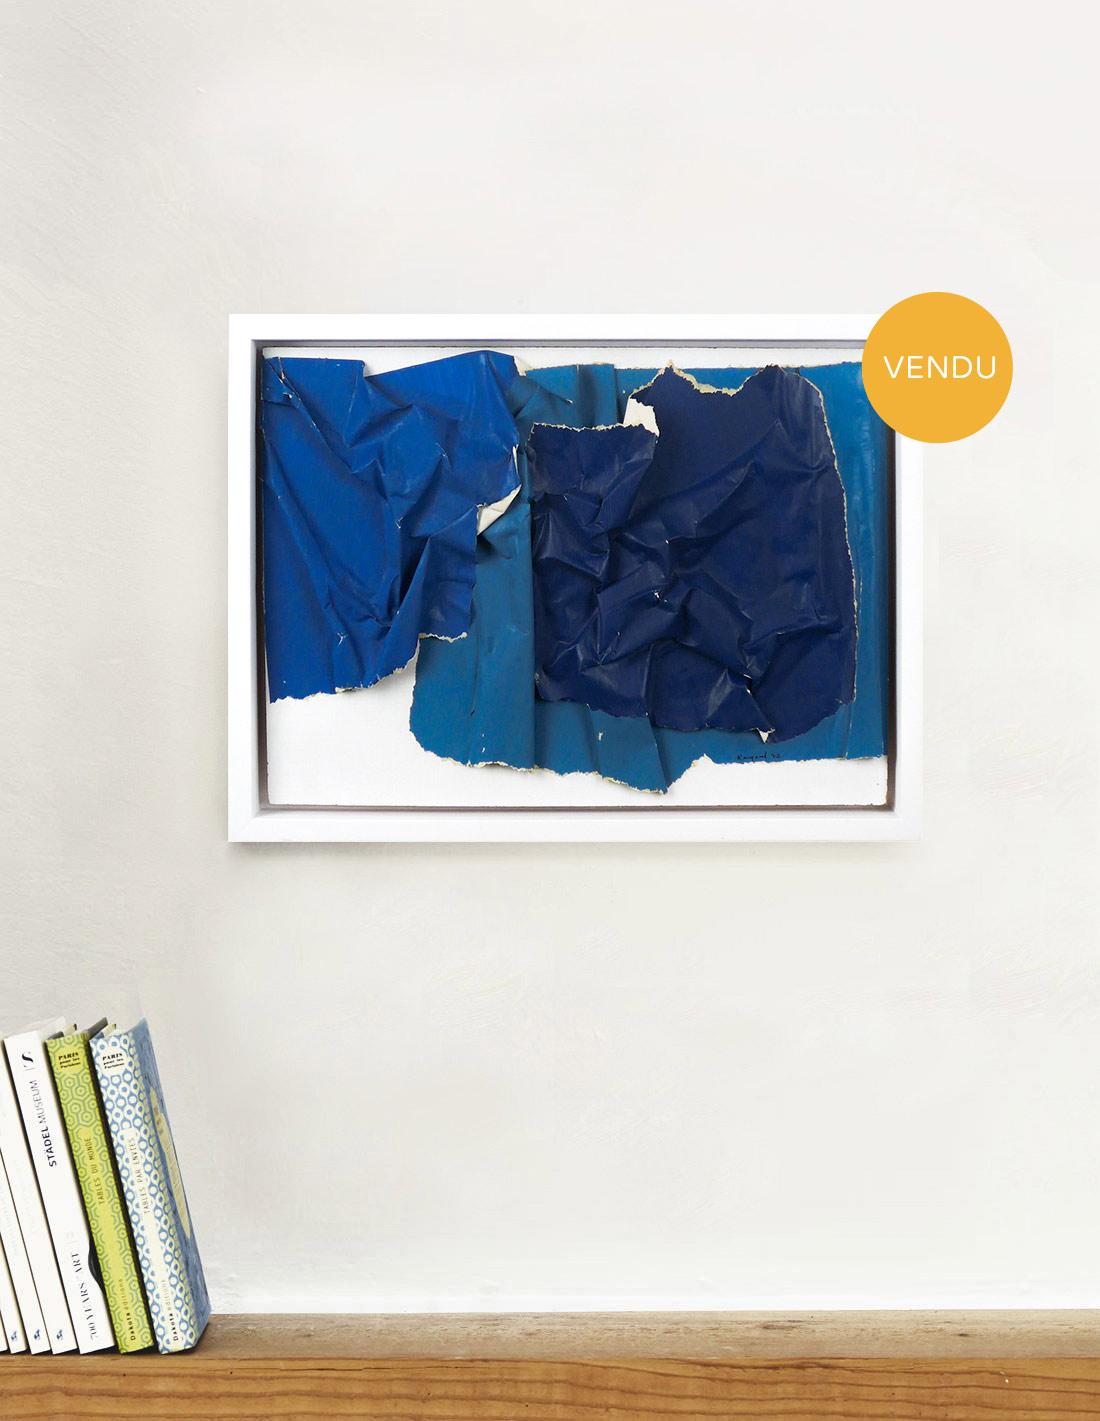 365x375-cm-Papiers-froissés-bleus-vendu